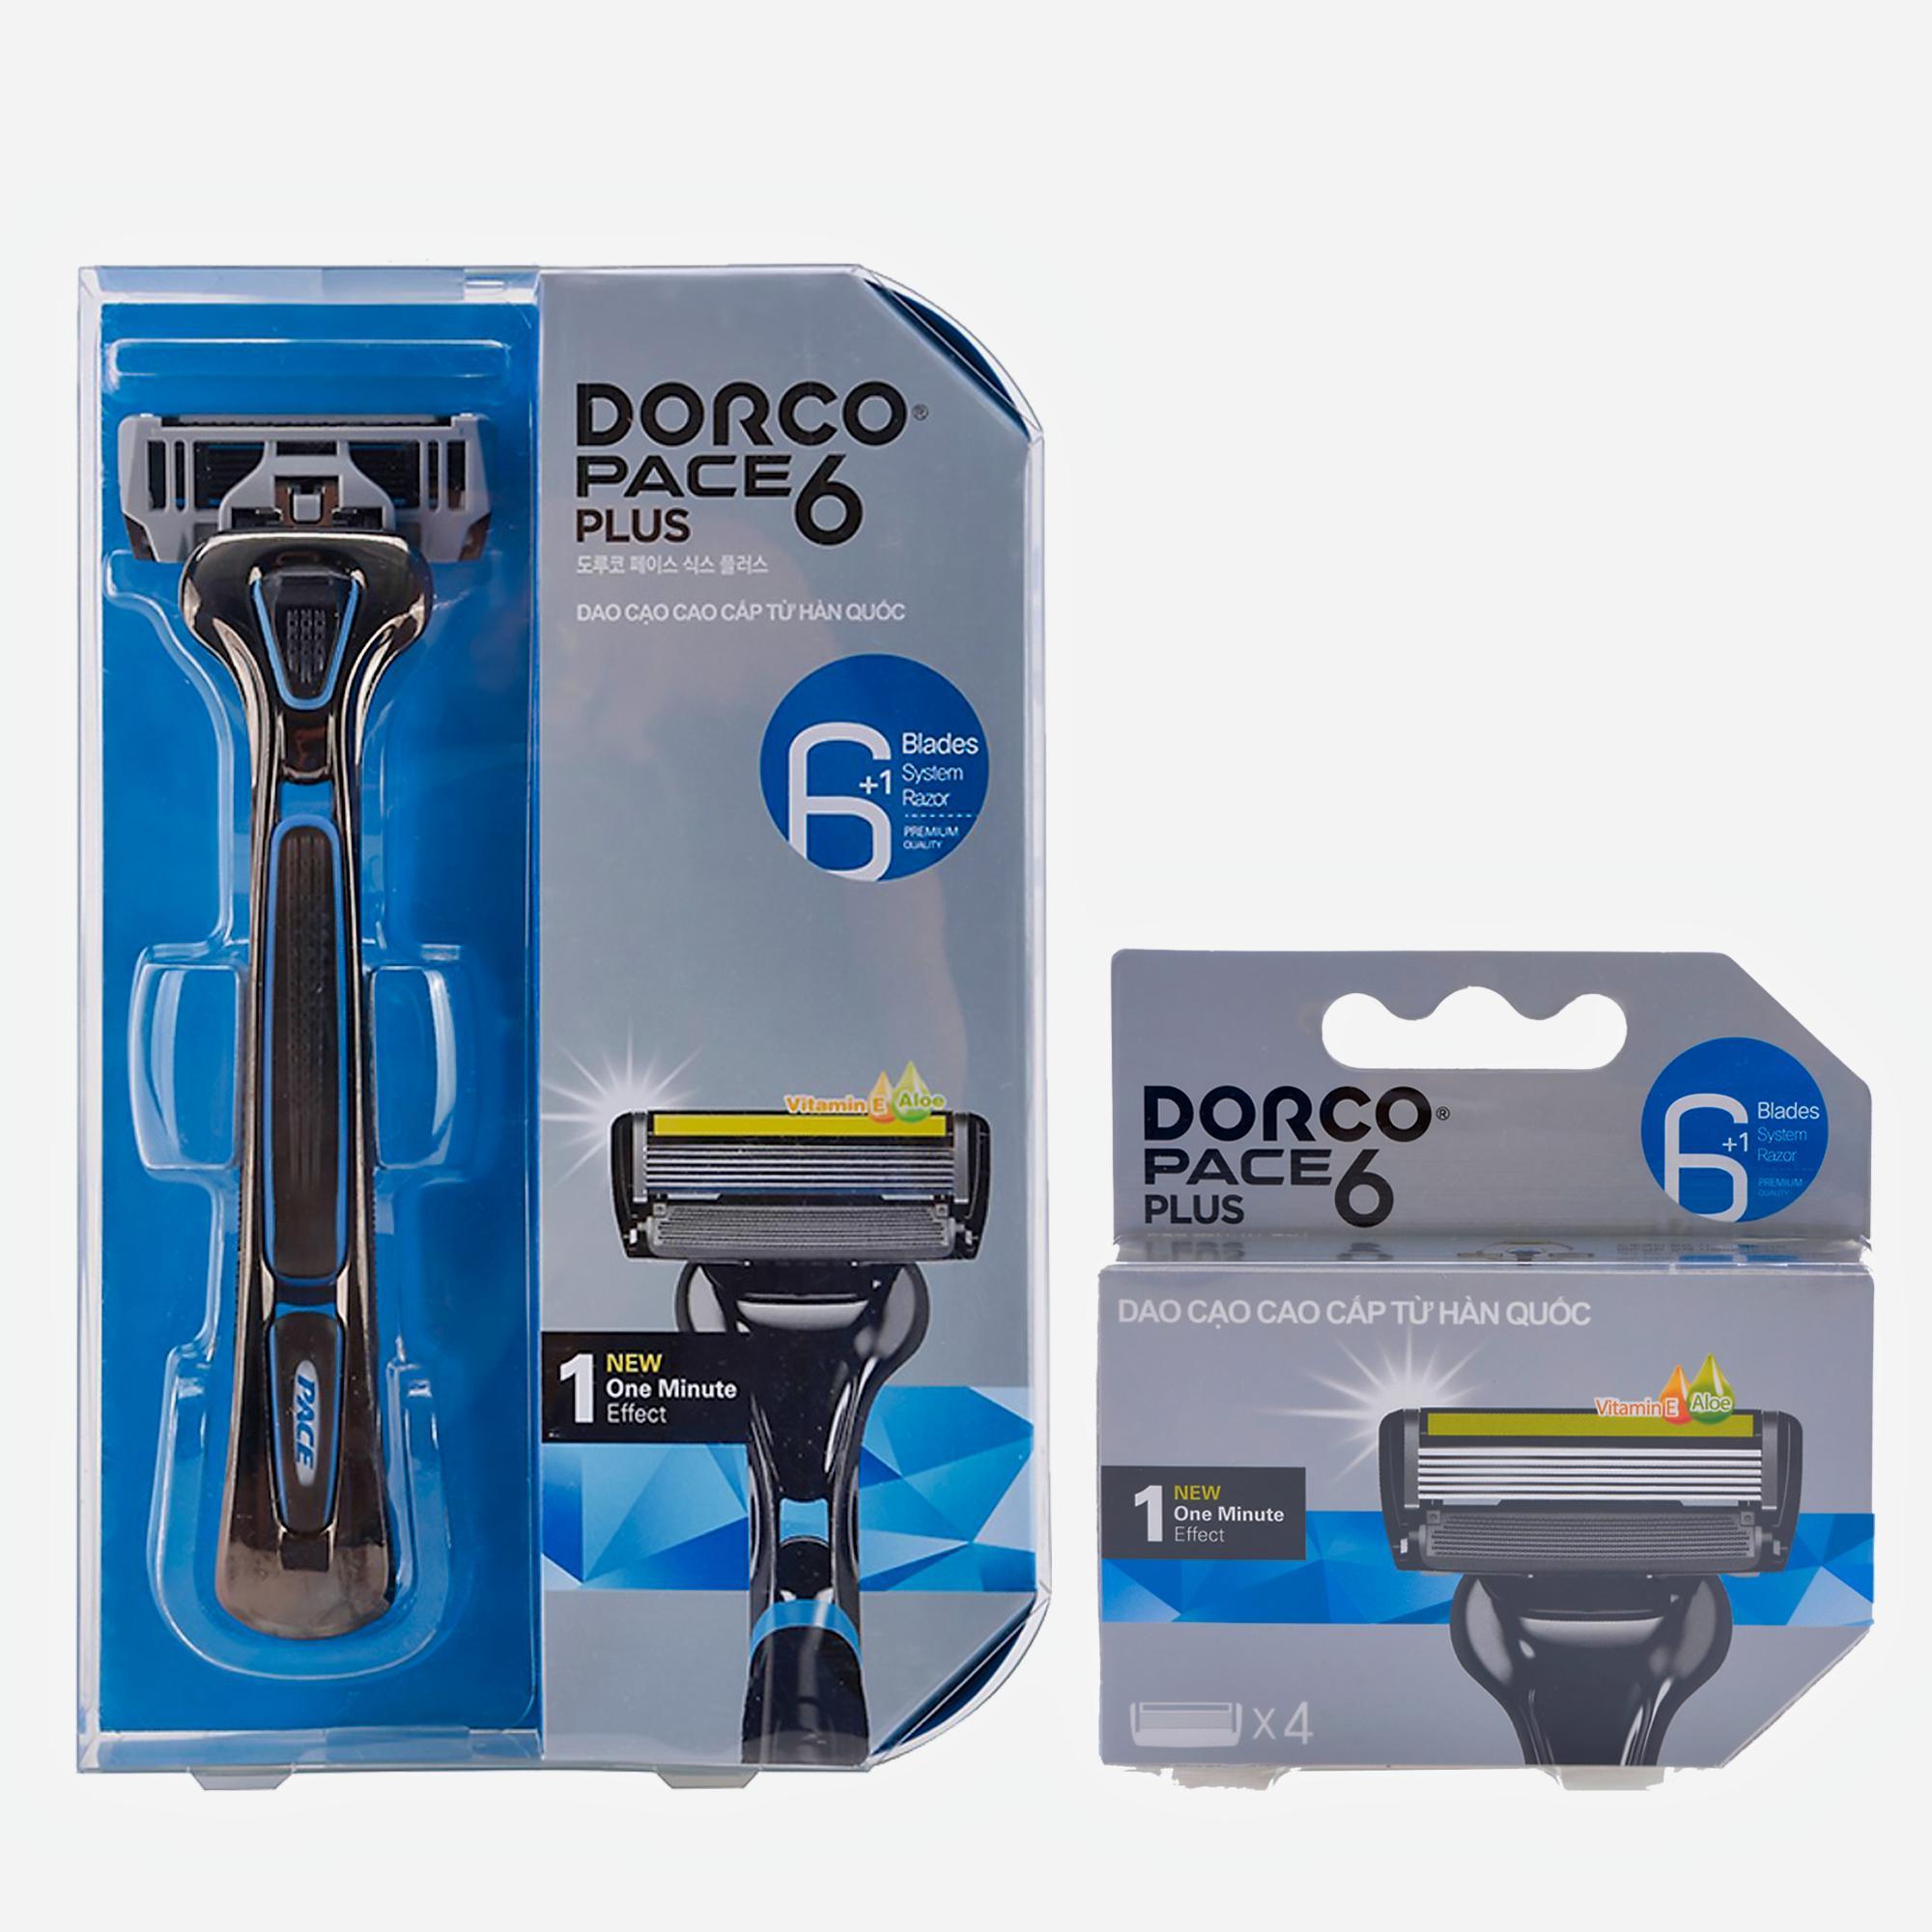 Combo dao cạo và vỉ 04 Đầu Cạo Râu 6 Lưỡi Dorco Pace 6 Plus SXA 5040-4B (6 Lưỡi + Đầu Cắt Tóc Mai) tốt nhất